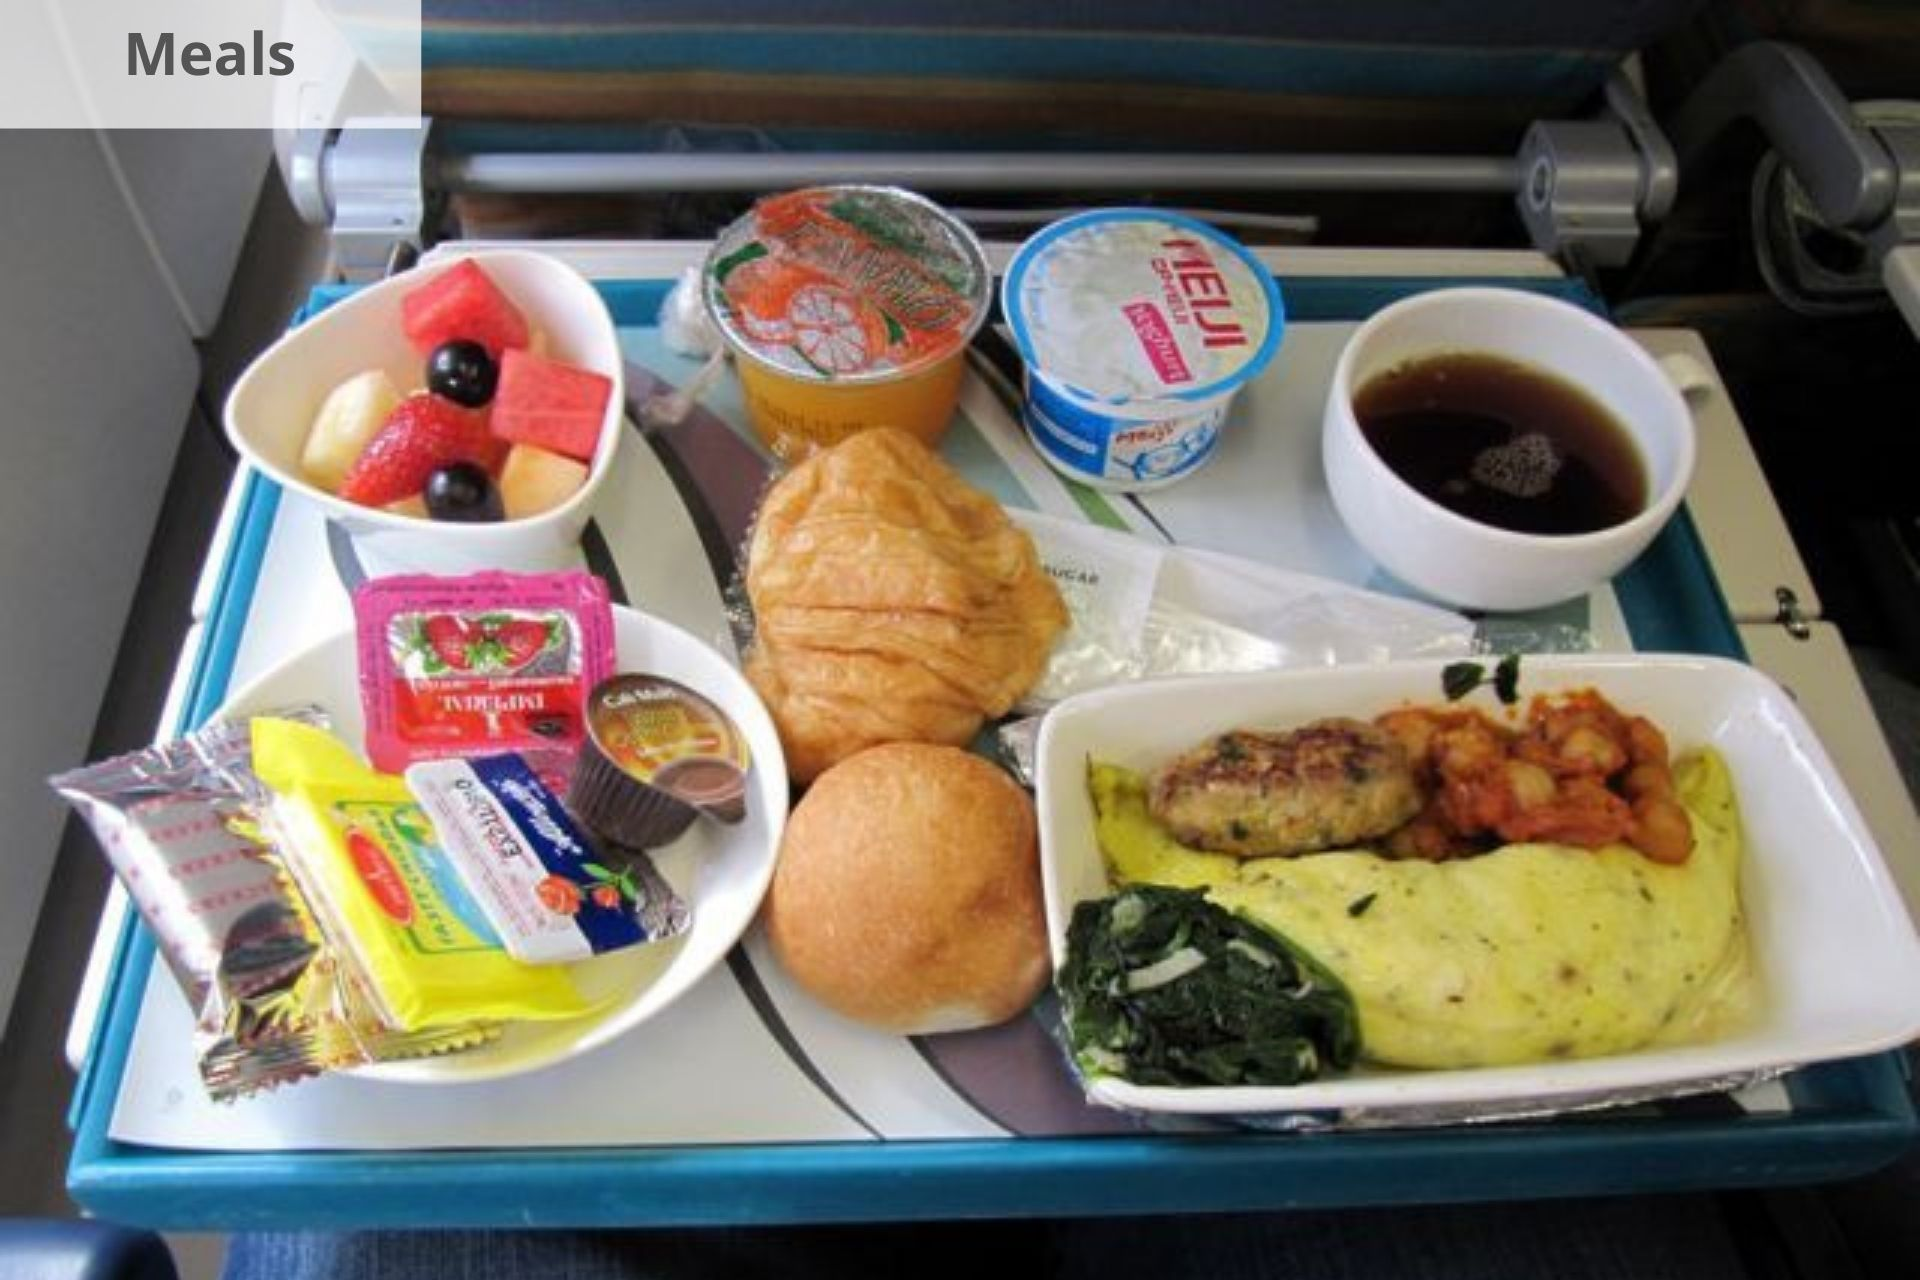 Oman Air meals